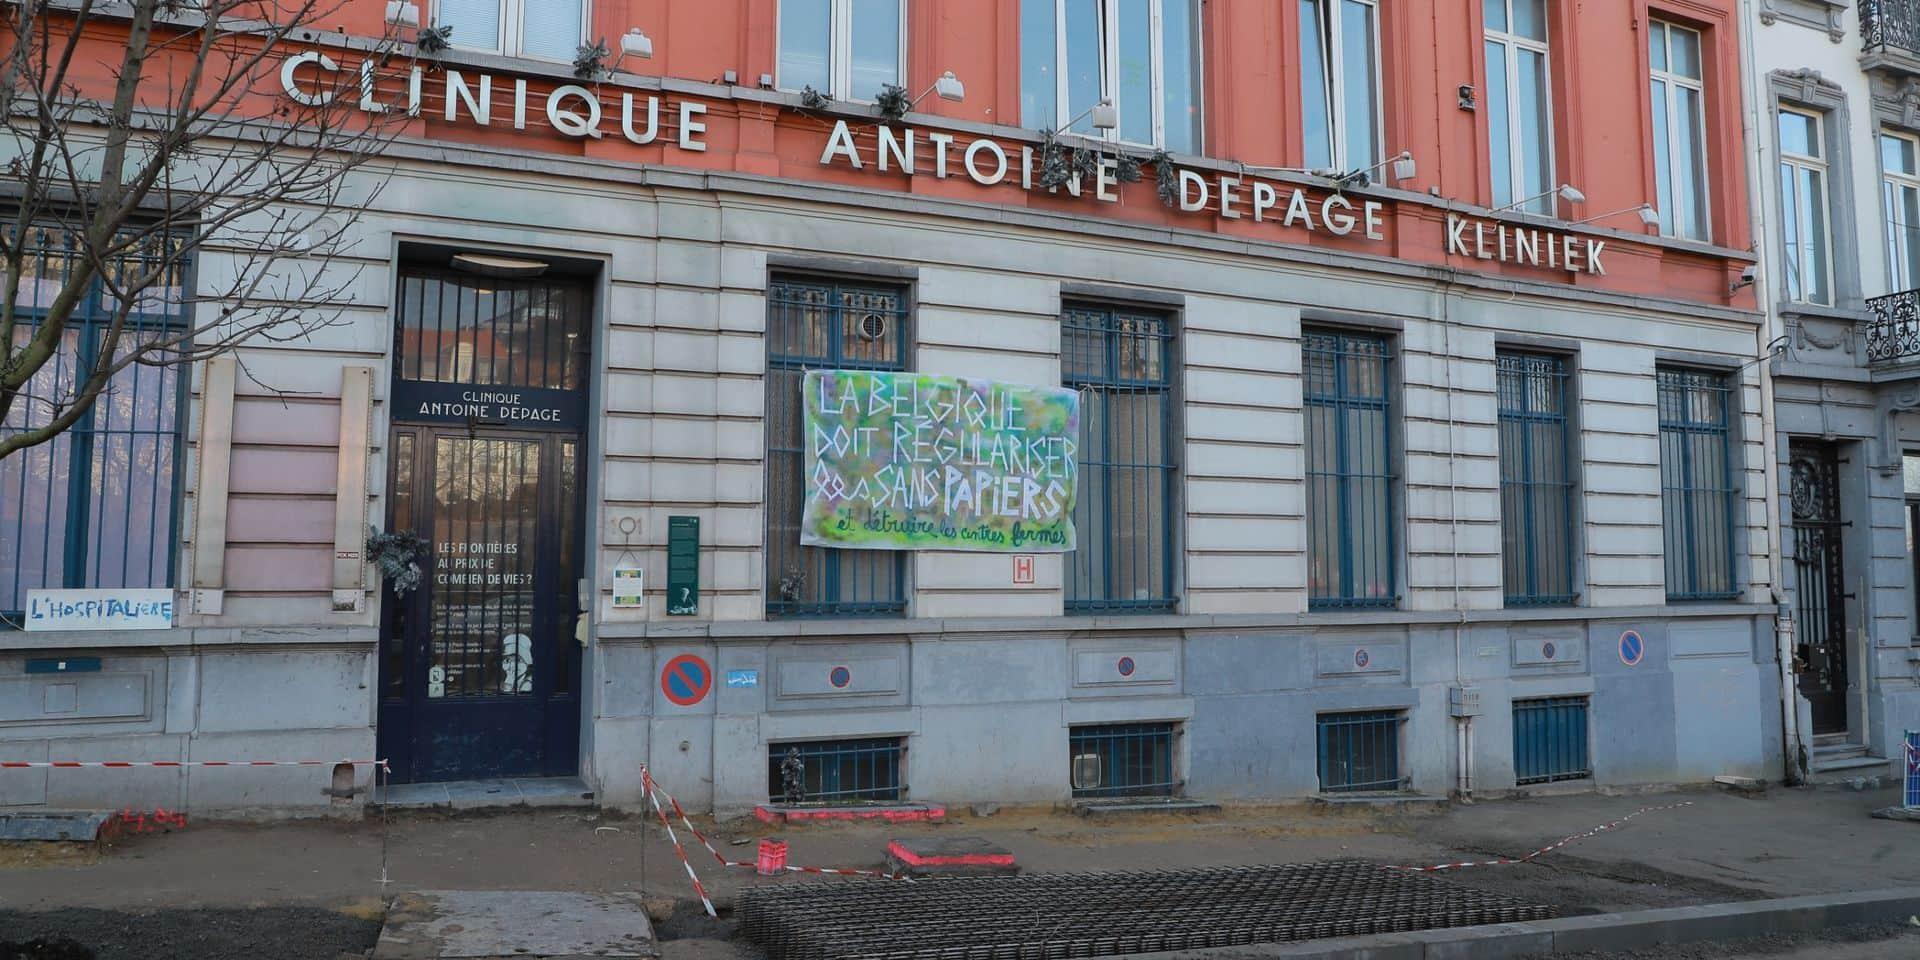 En sept mois, le prix de vente de l'ancienne clinique Depage (à St-Gilles) est passé de 3,5 à... 4,6 millions d'euros